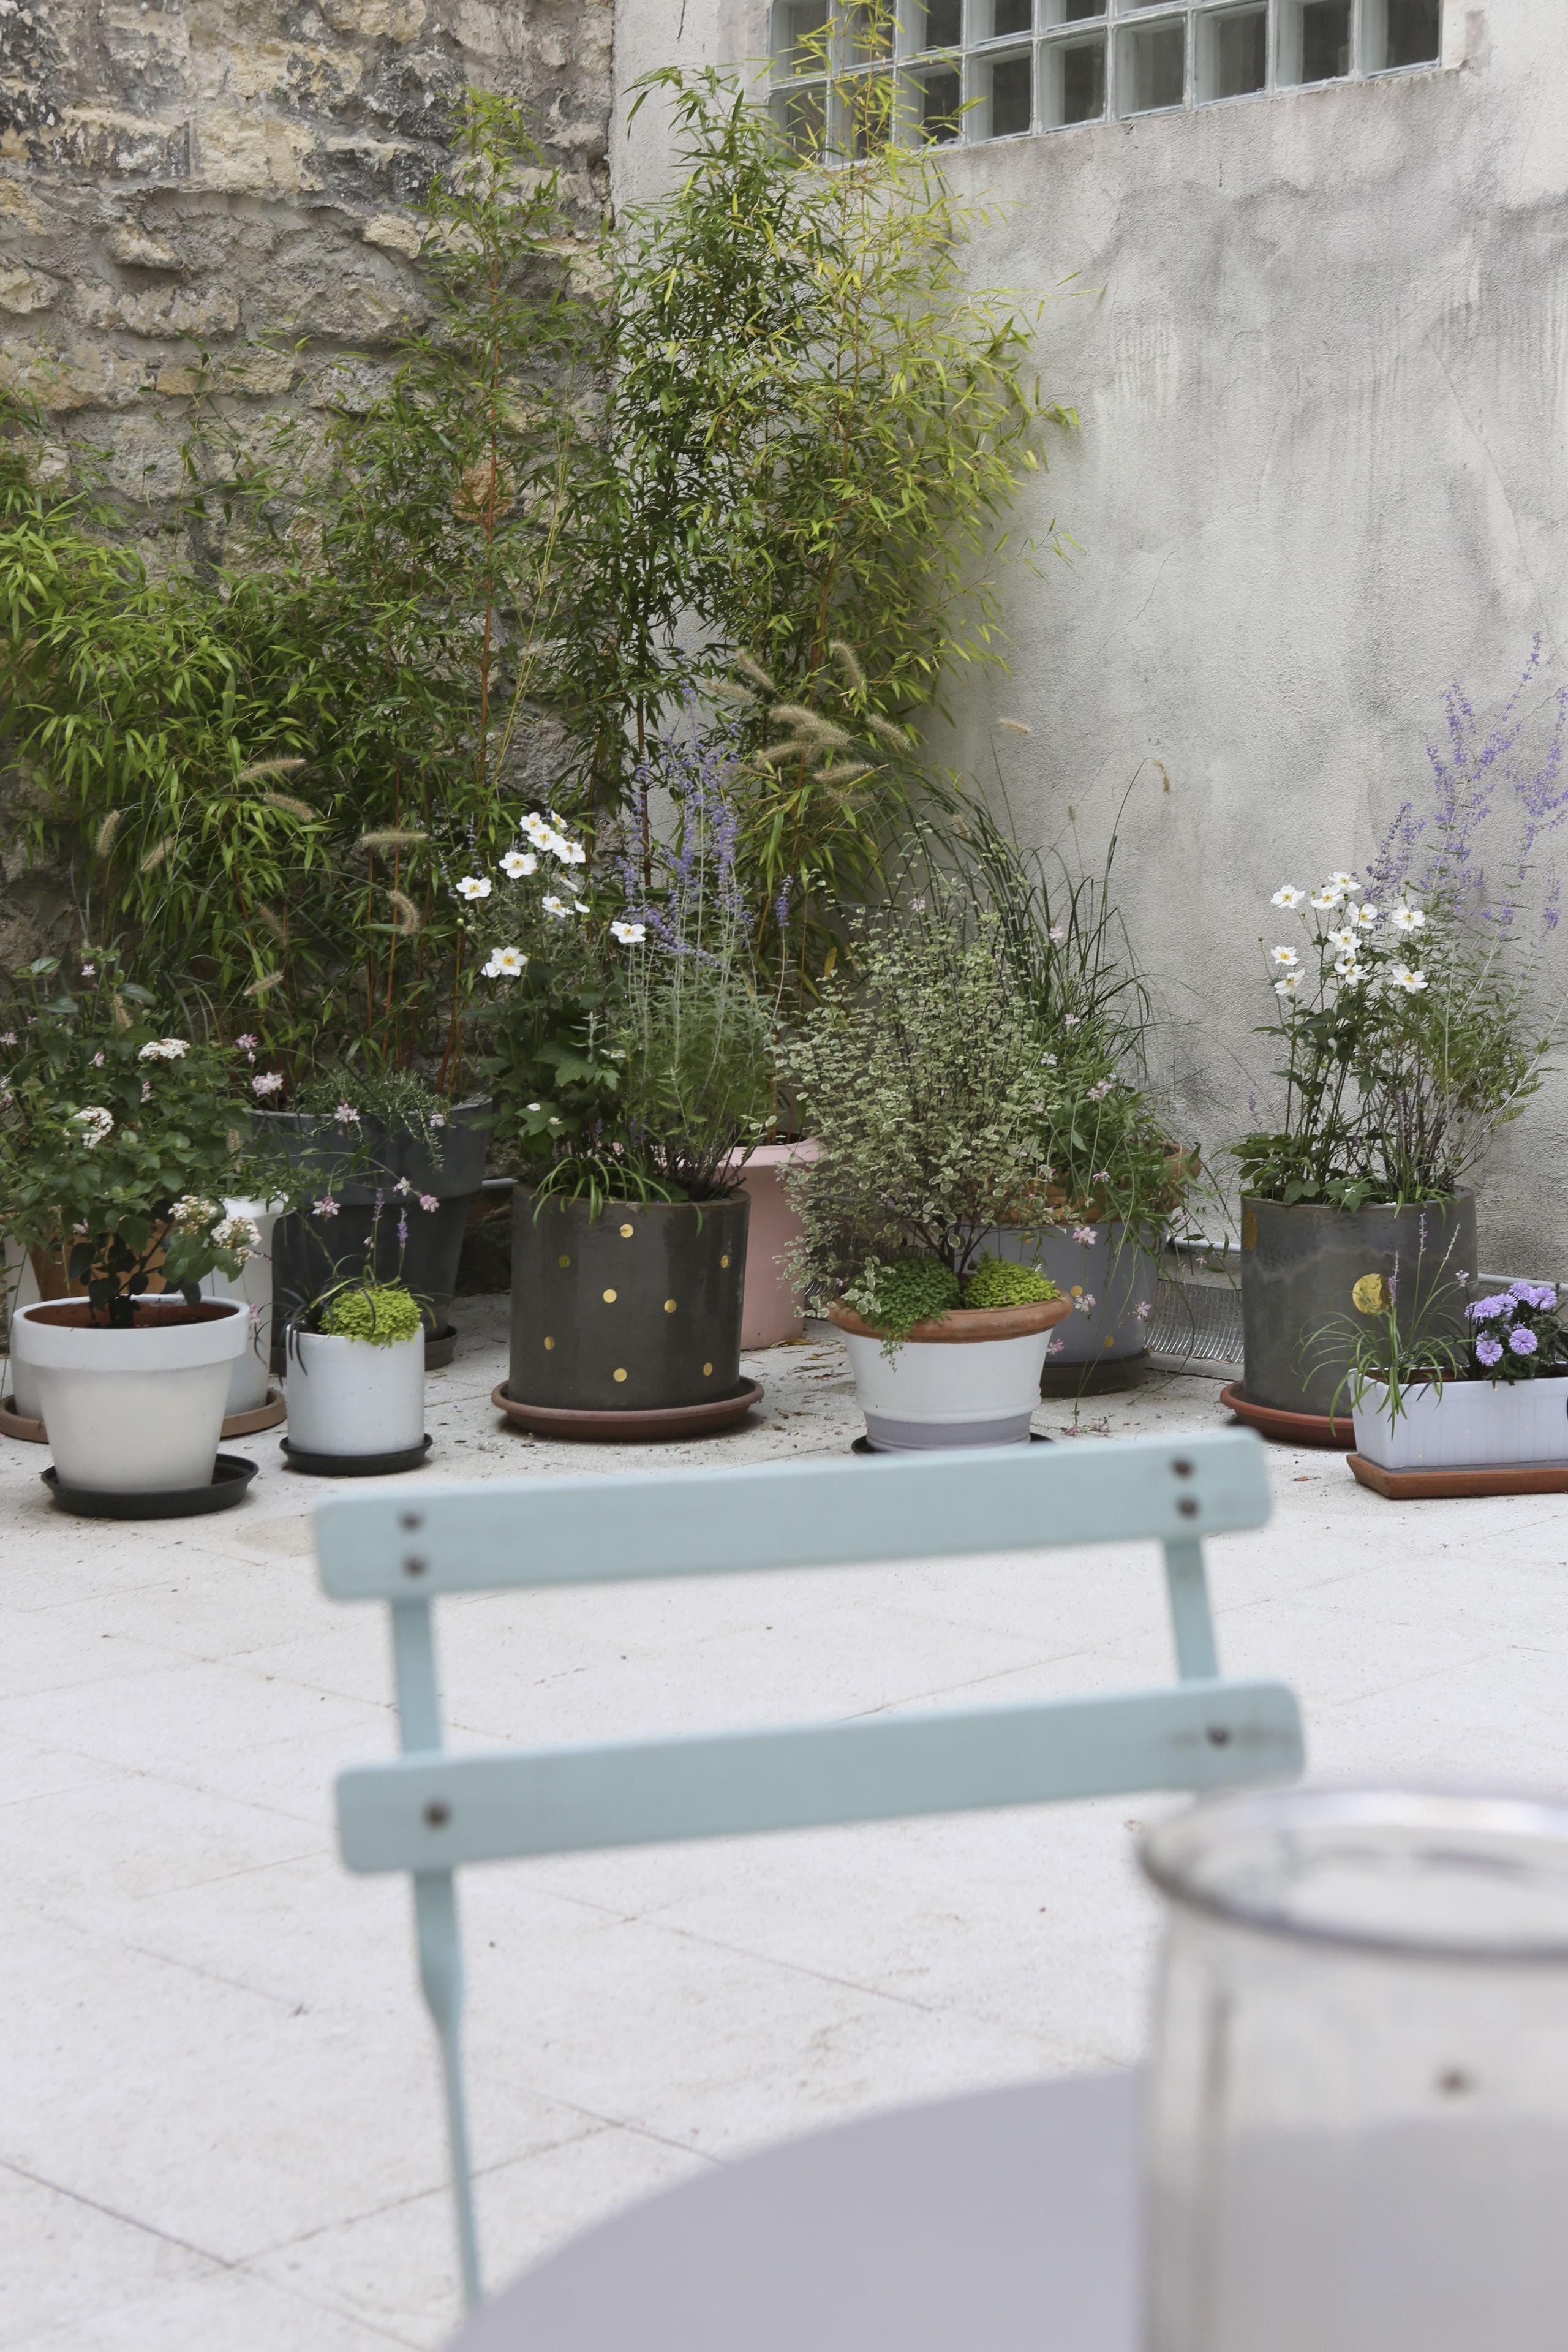 La Jolie Cour Boutique Des Petits Hauts Rue Keller Paris 11e Idees Jardin Jardins Fleurs Balcon